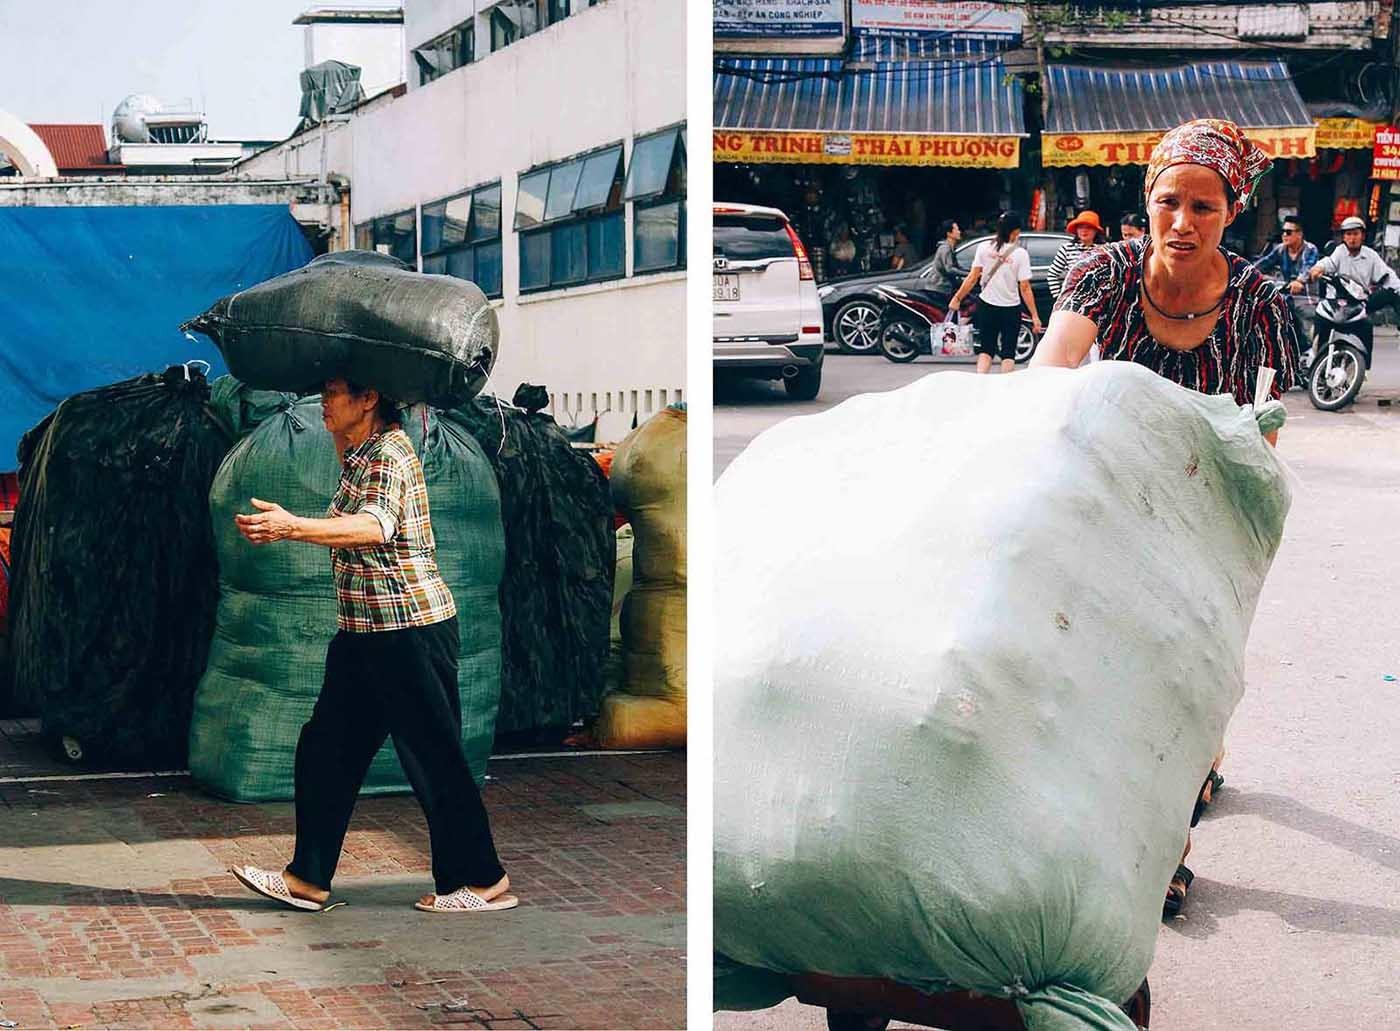 Nữ cửu vạn chợ Đồng Xuân oằn mình trong nắng đầu hè